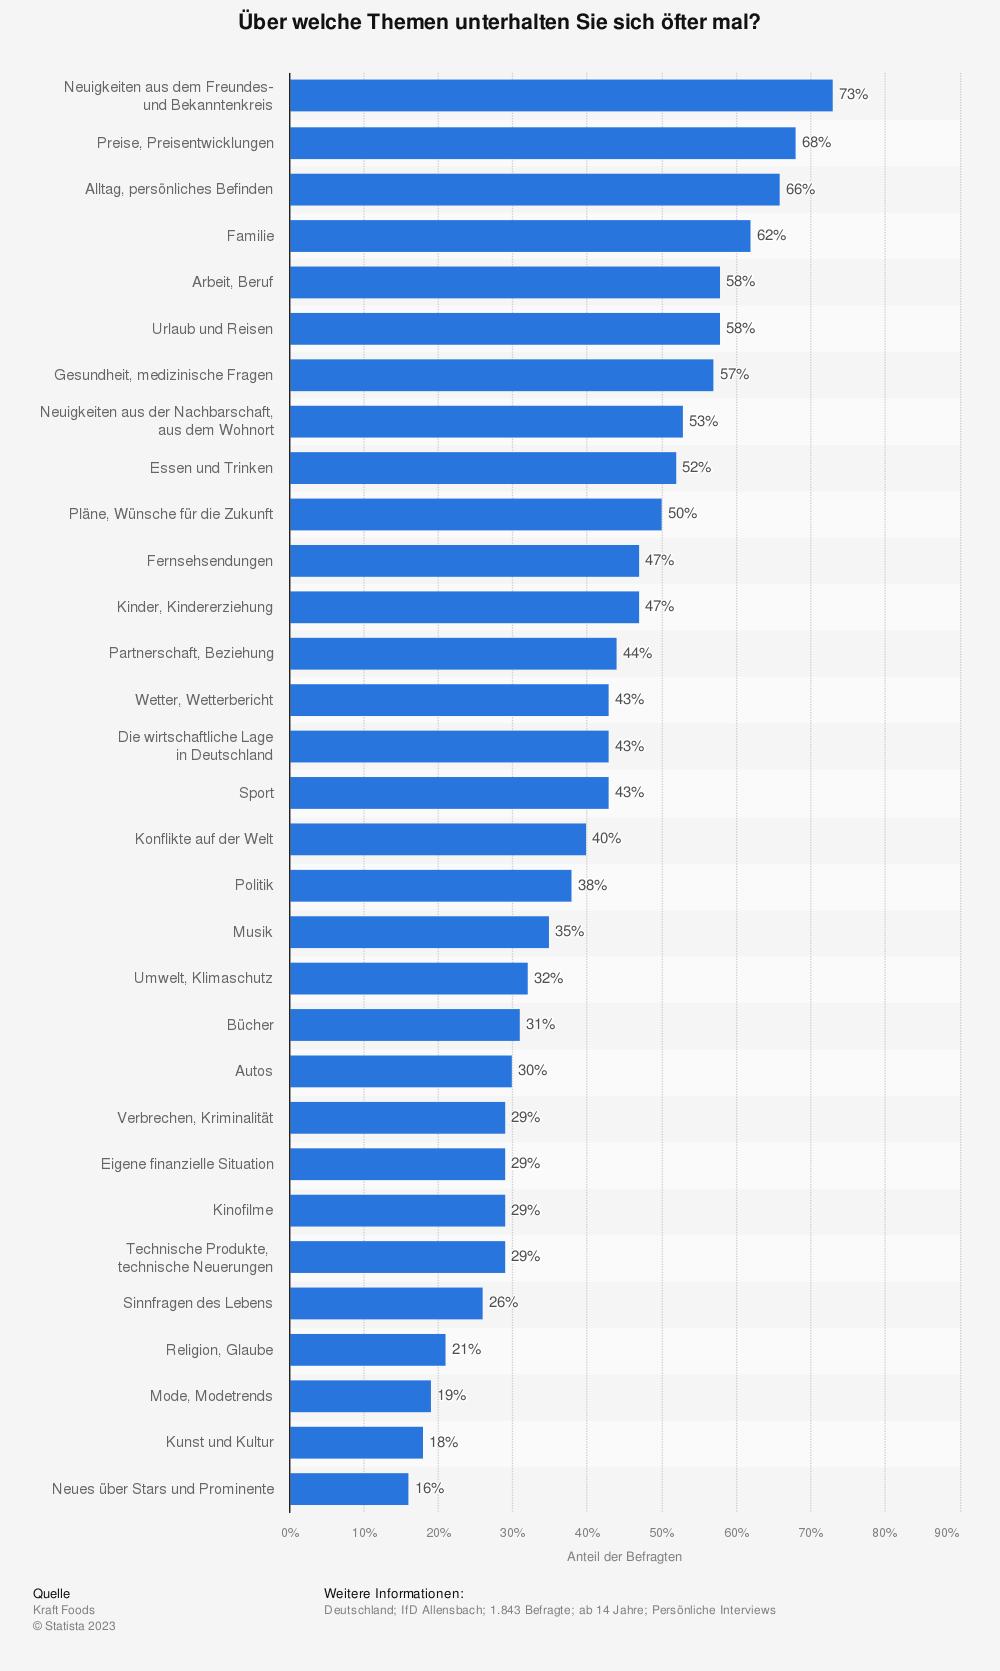 Statistik: Über welche Themen unterhalten Sie sich öfter mal? | Statista